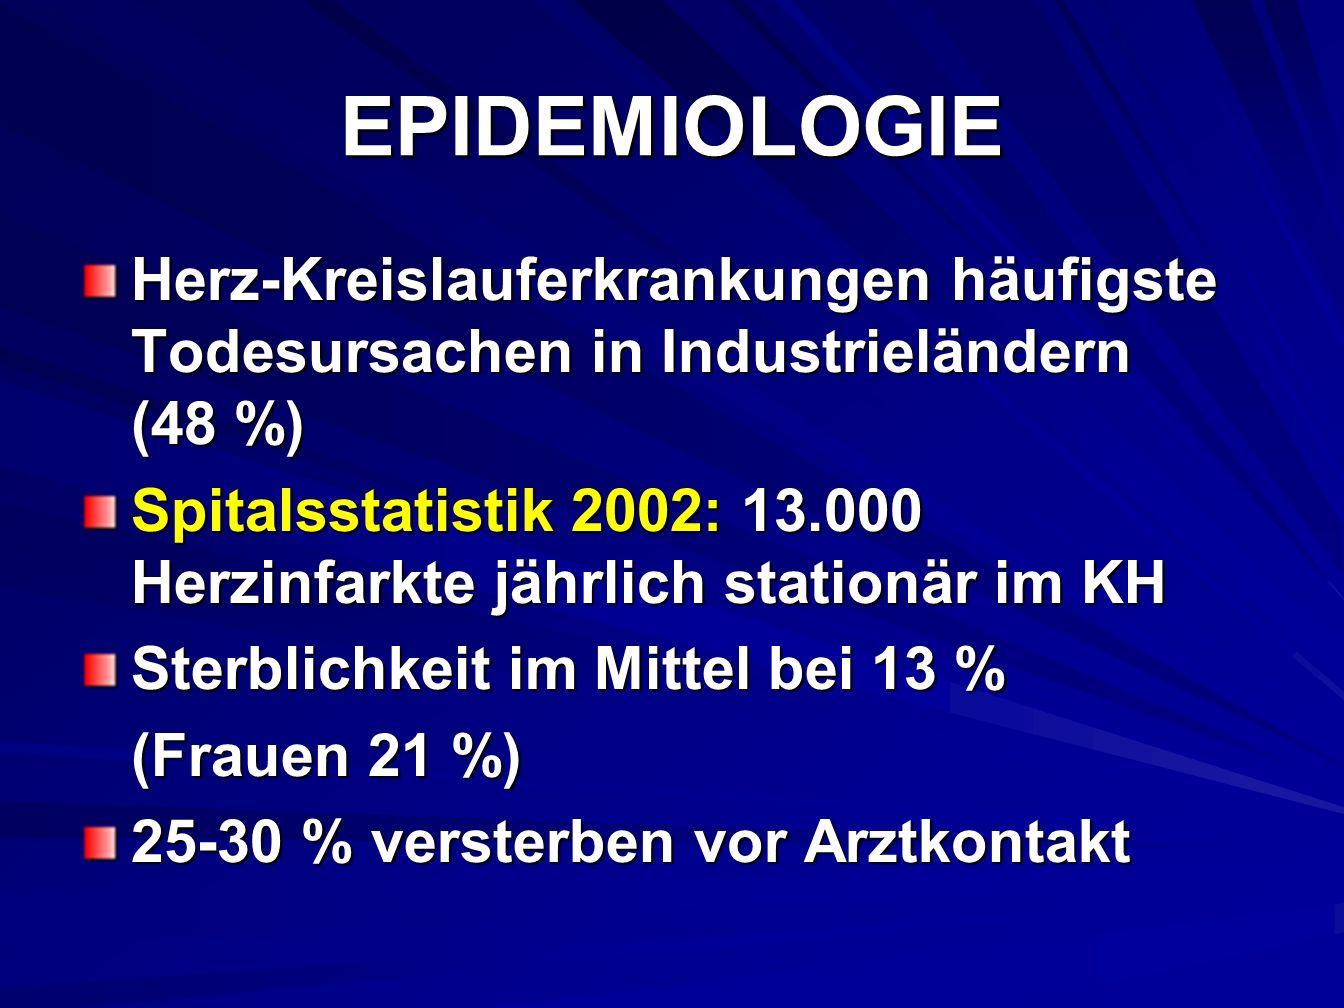 EPIDEMIOLOGIE Herz-Kreislauferkrankungen häufigste Todesursachen in Industrieländern (48 %)